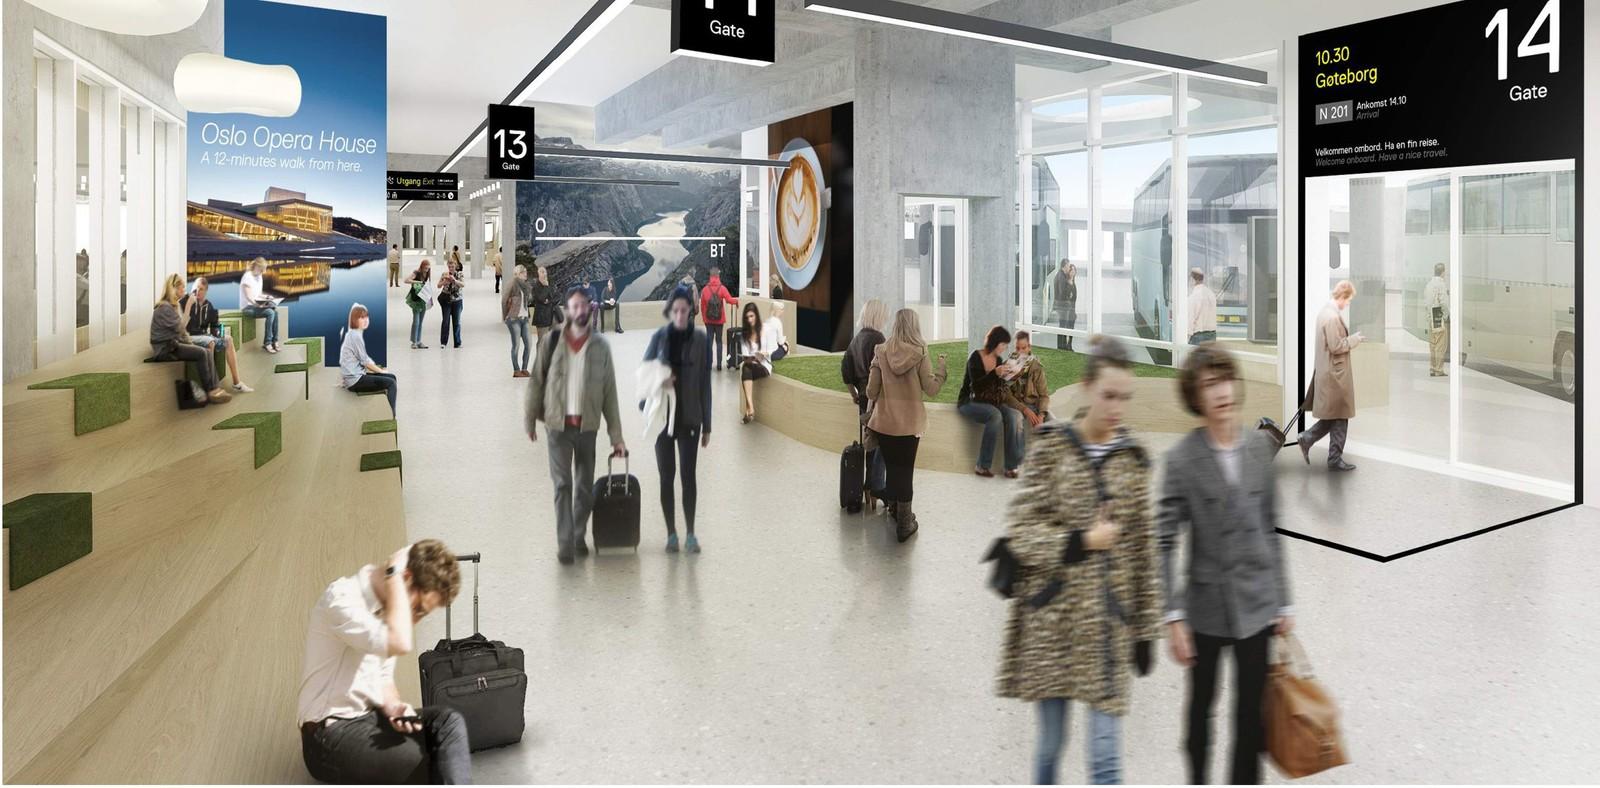 Oslo Bussterminal skal bygges om til en mer moderne og kundevennlig bussterminal. Oppstart er prosjektert første kvartal 2018, med sikte på ferdigstillelse innen sommeren 2019.